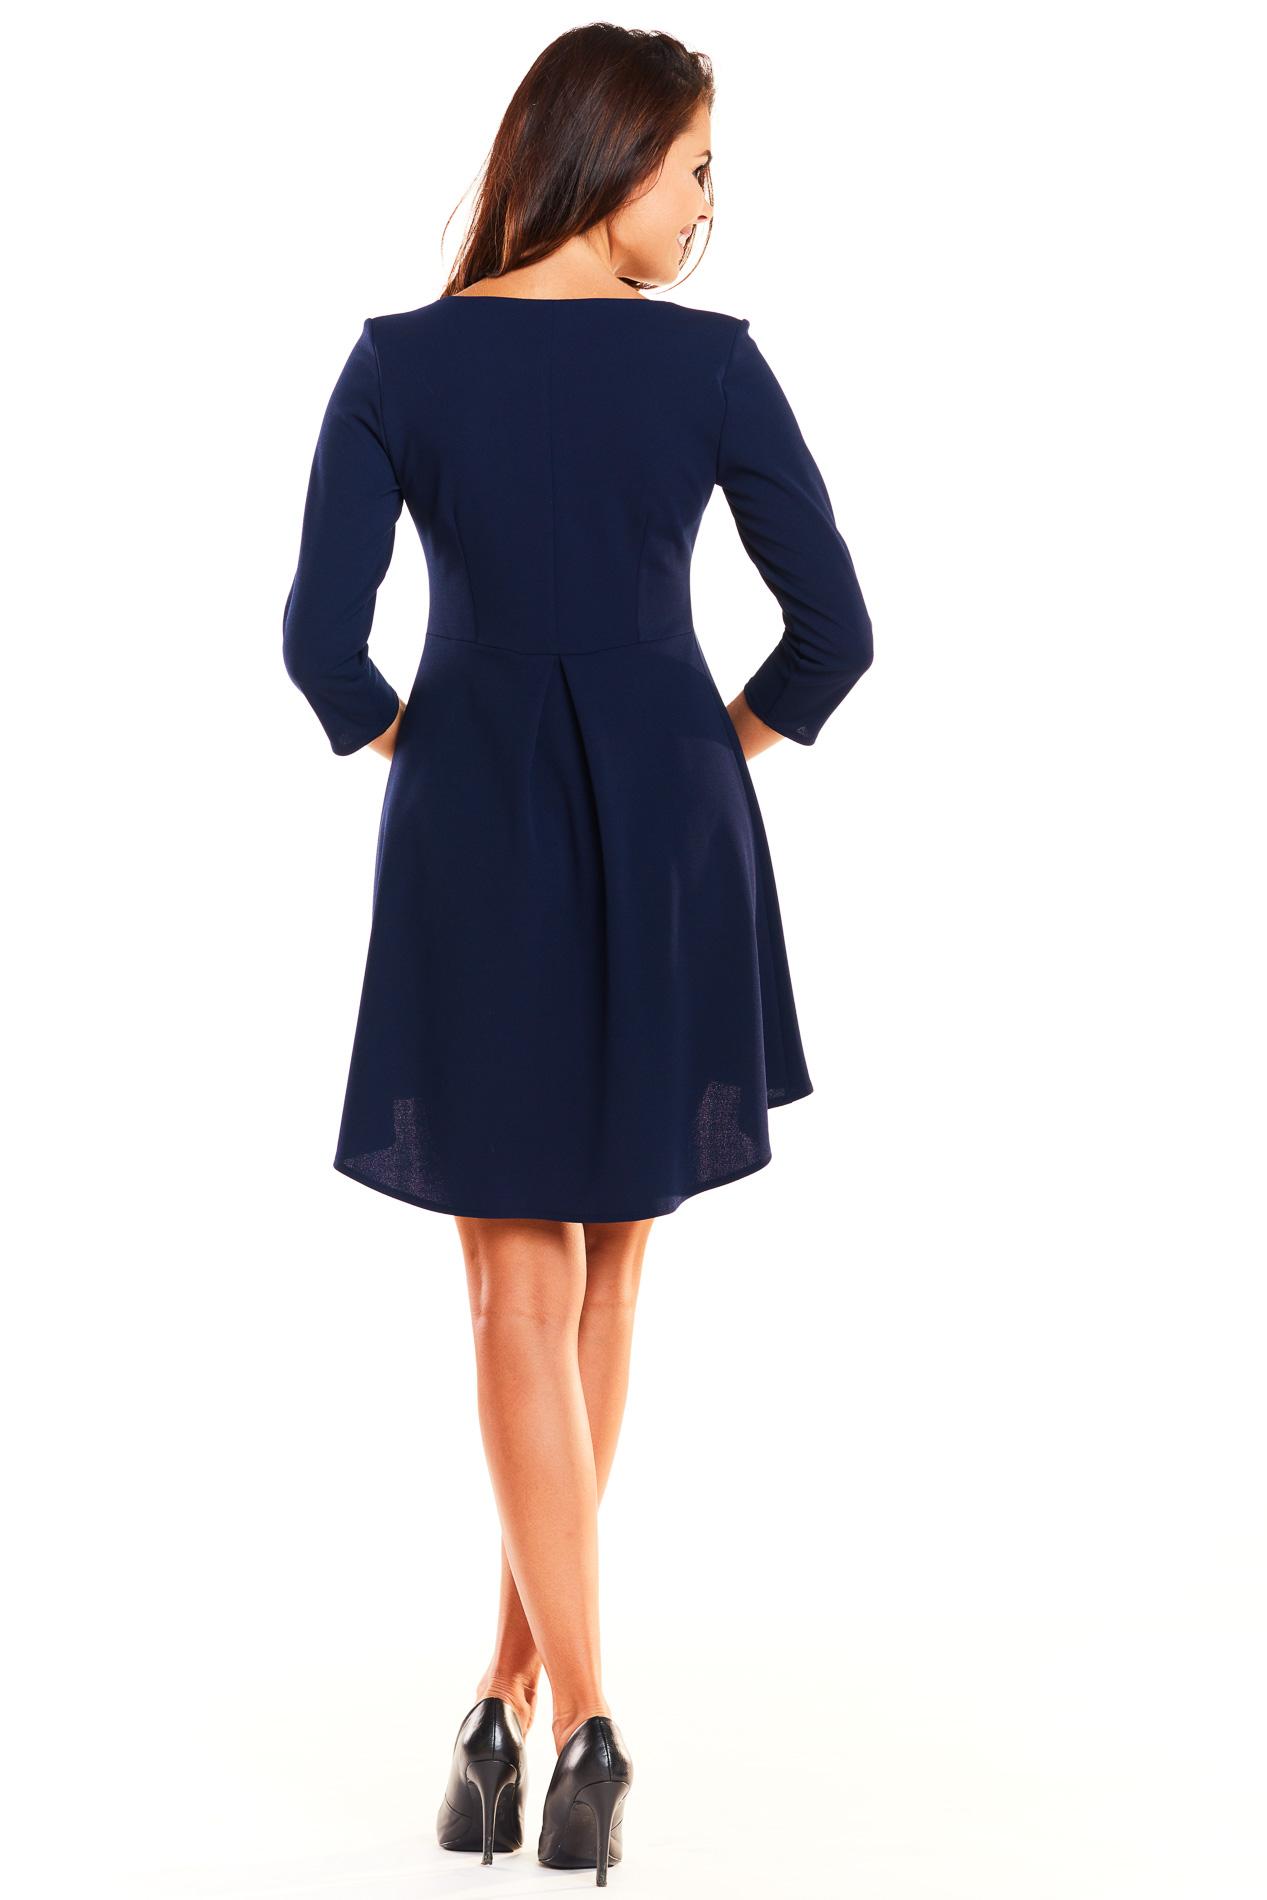 CM3926 Asymetryczna sukienka z rękawem 3/4 - granatowa